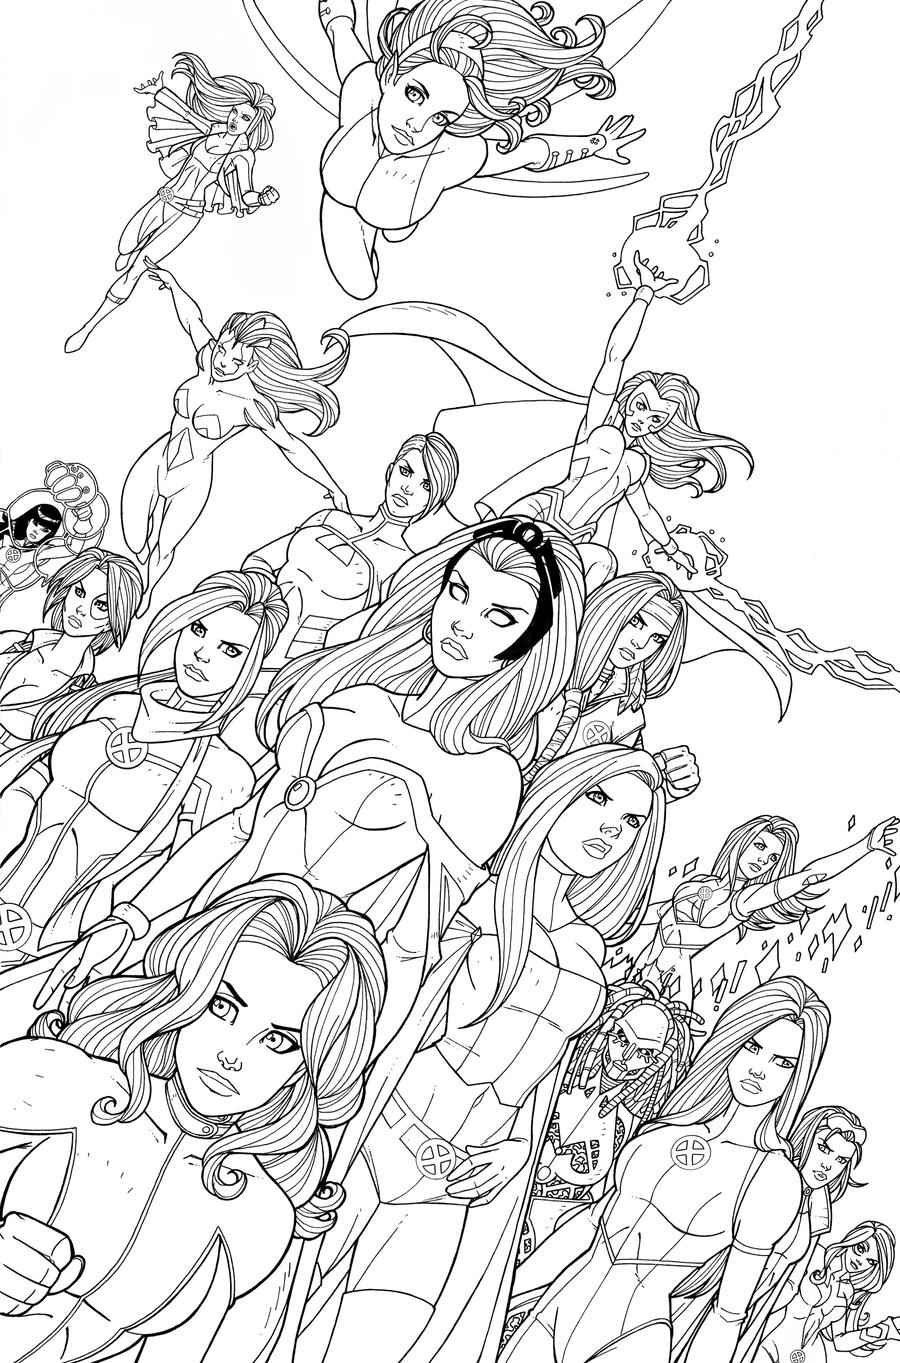 X-WOMEN - Line Art by JamieFayX